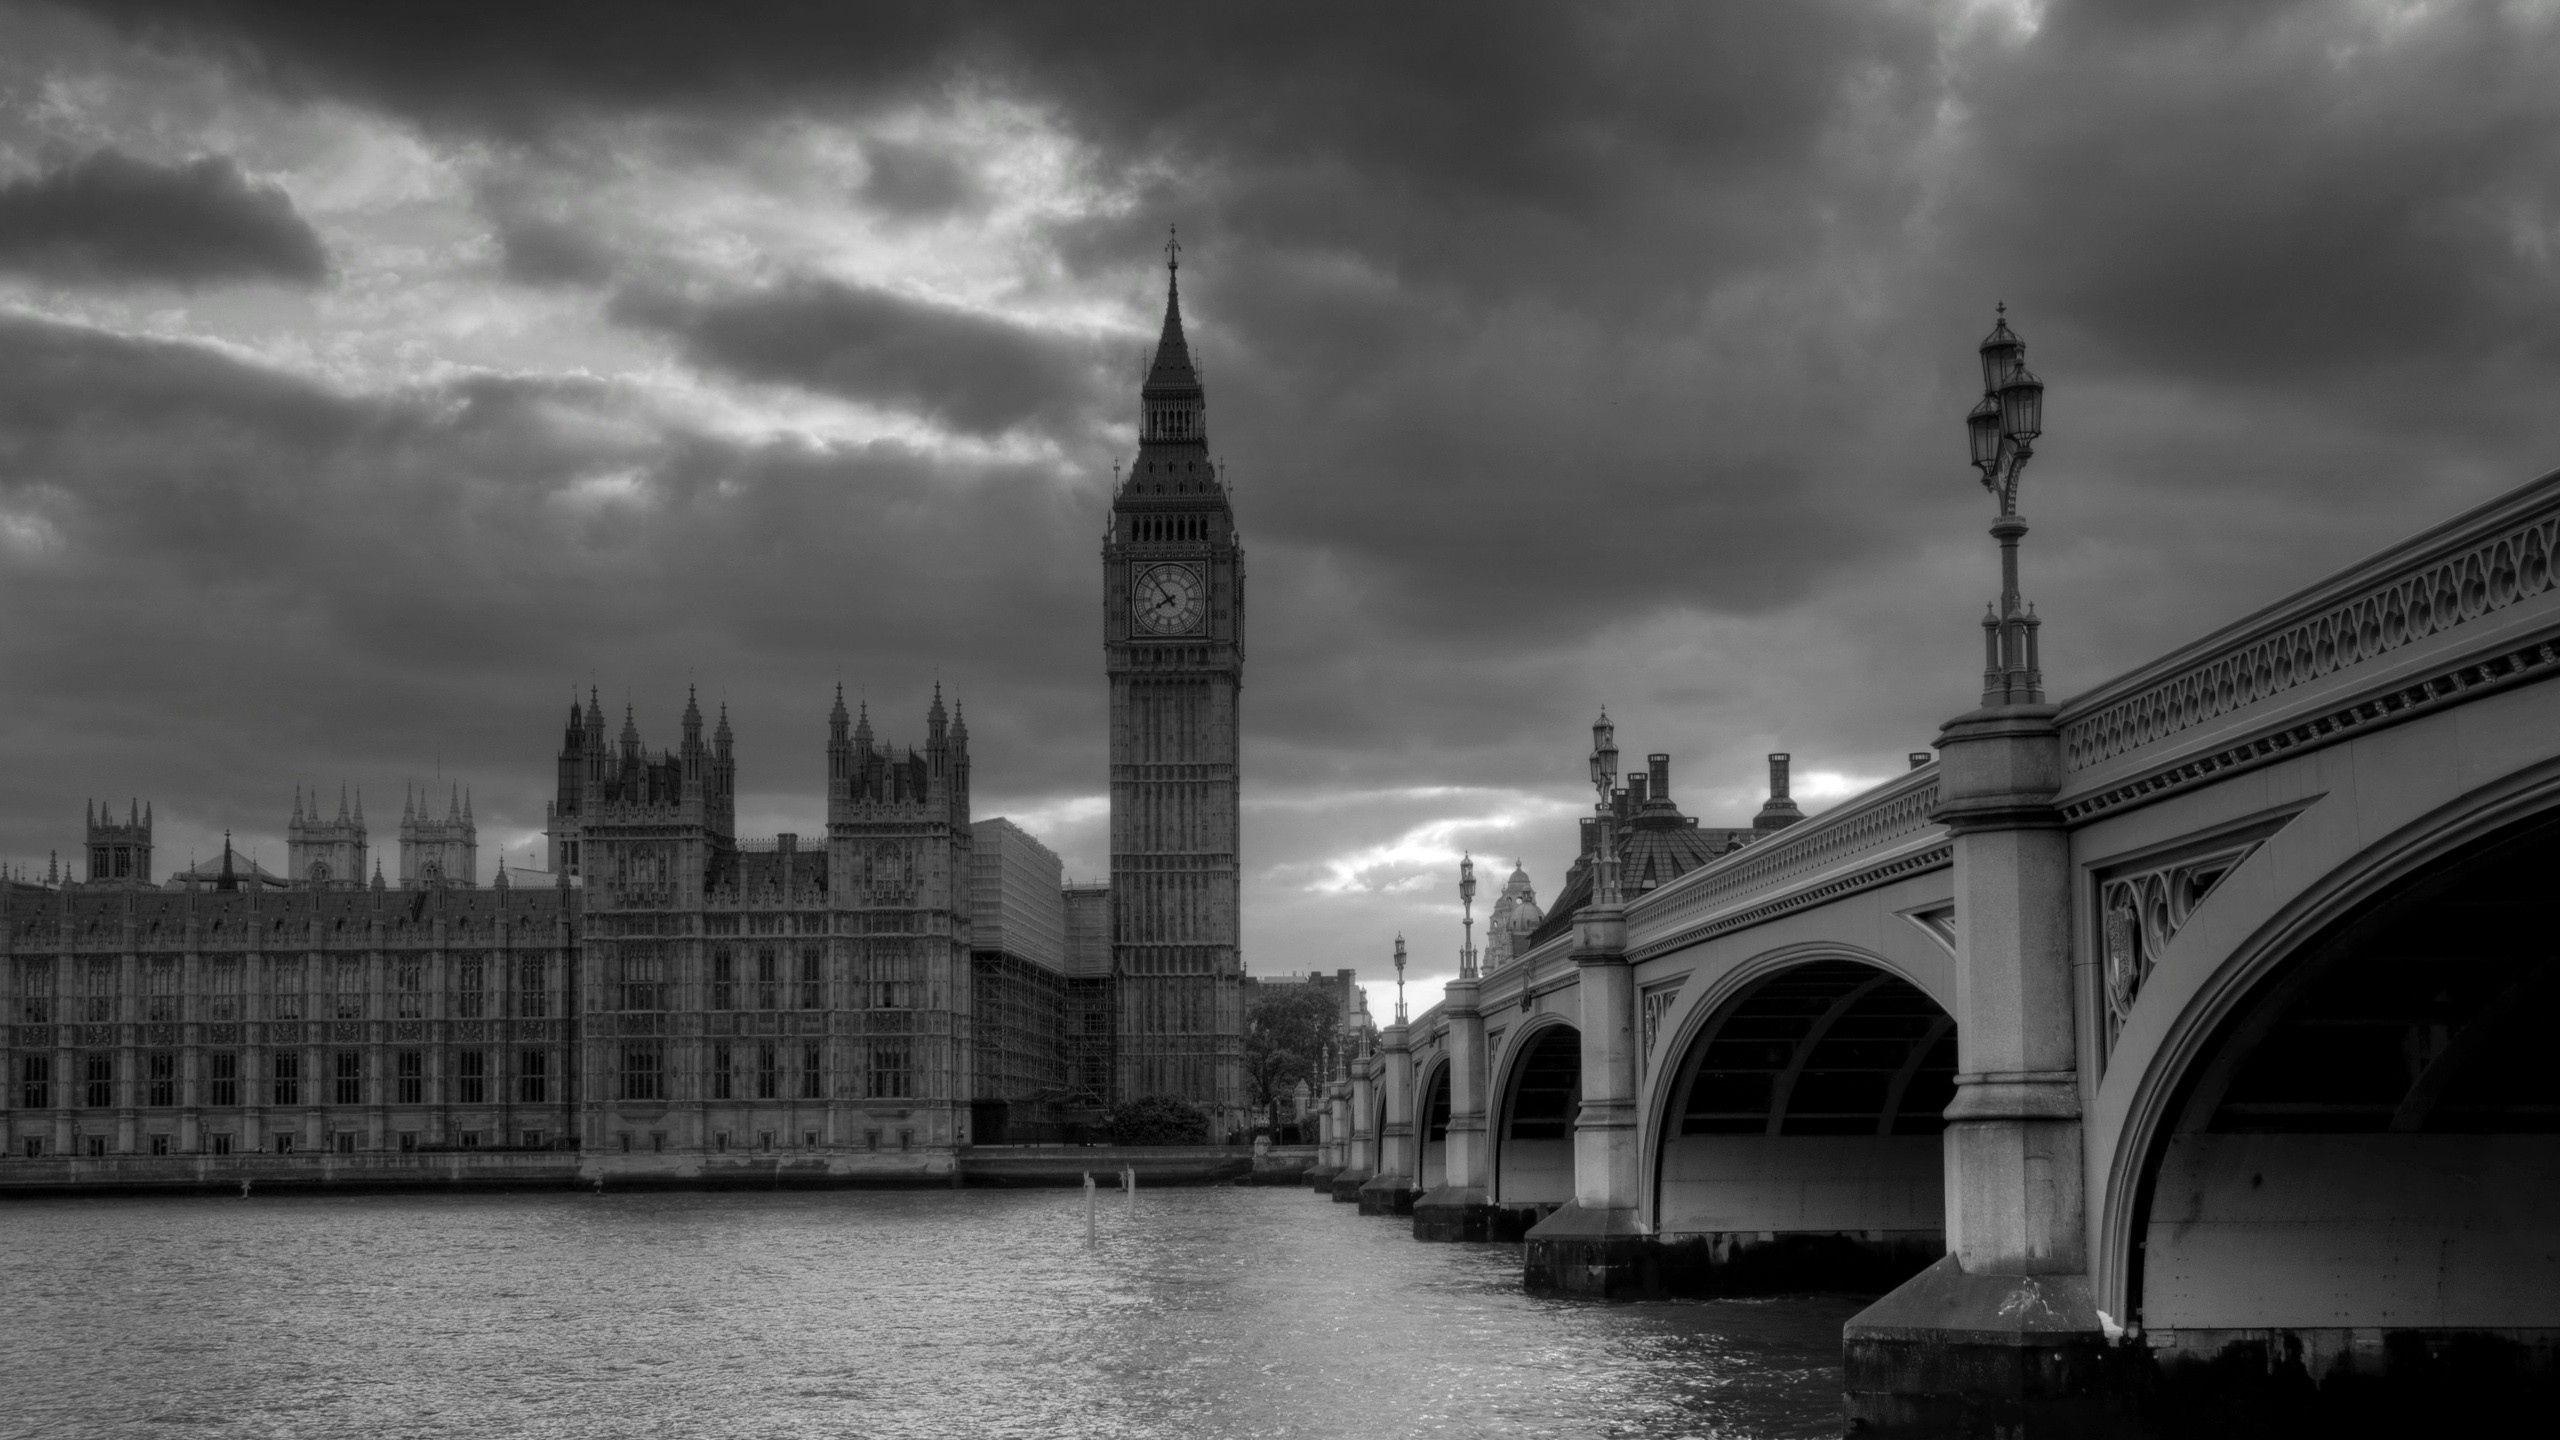 Download Wallpaper London, Bridge, Big ben, Black white .